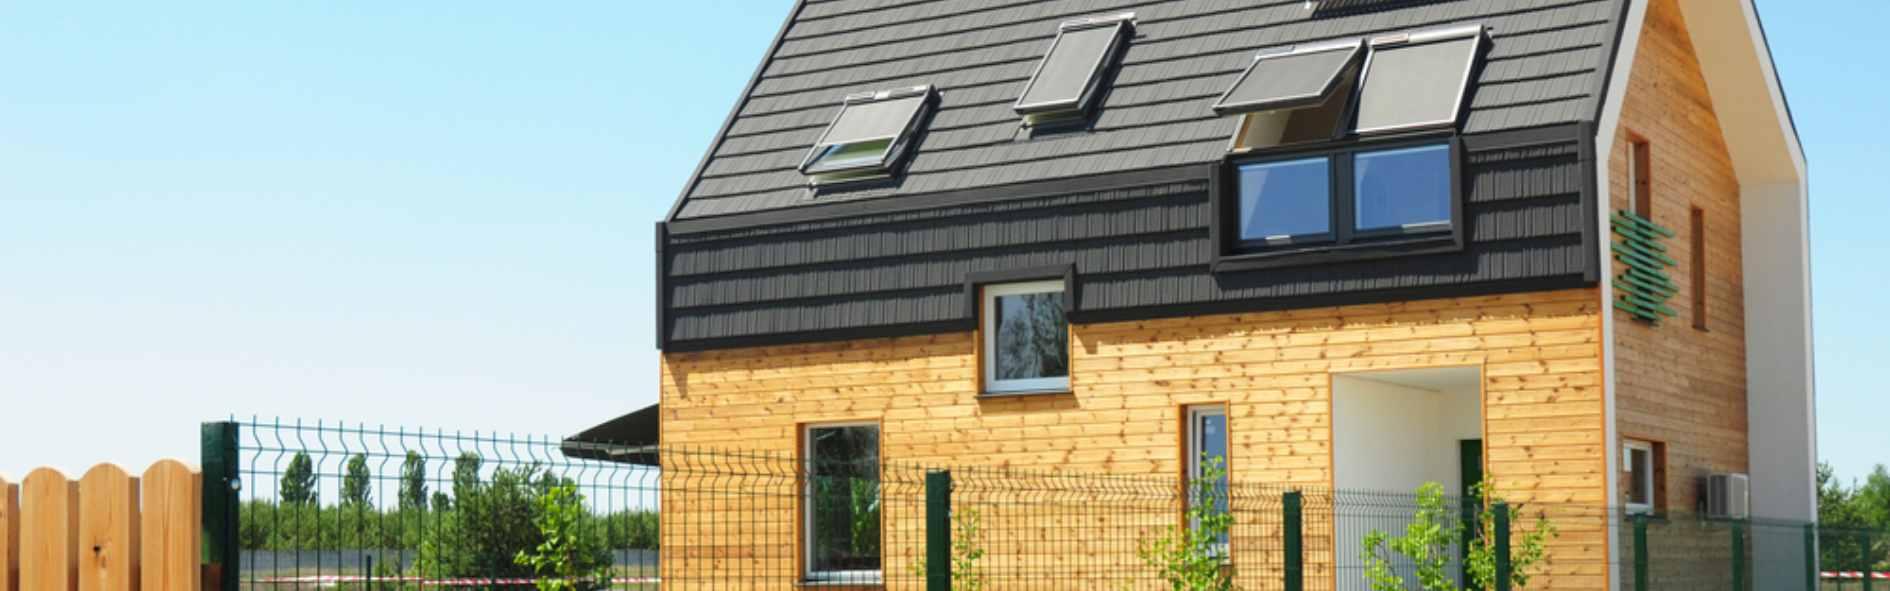 Conoce las casas pasivas y sus ventajas arquitectónicas